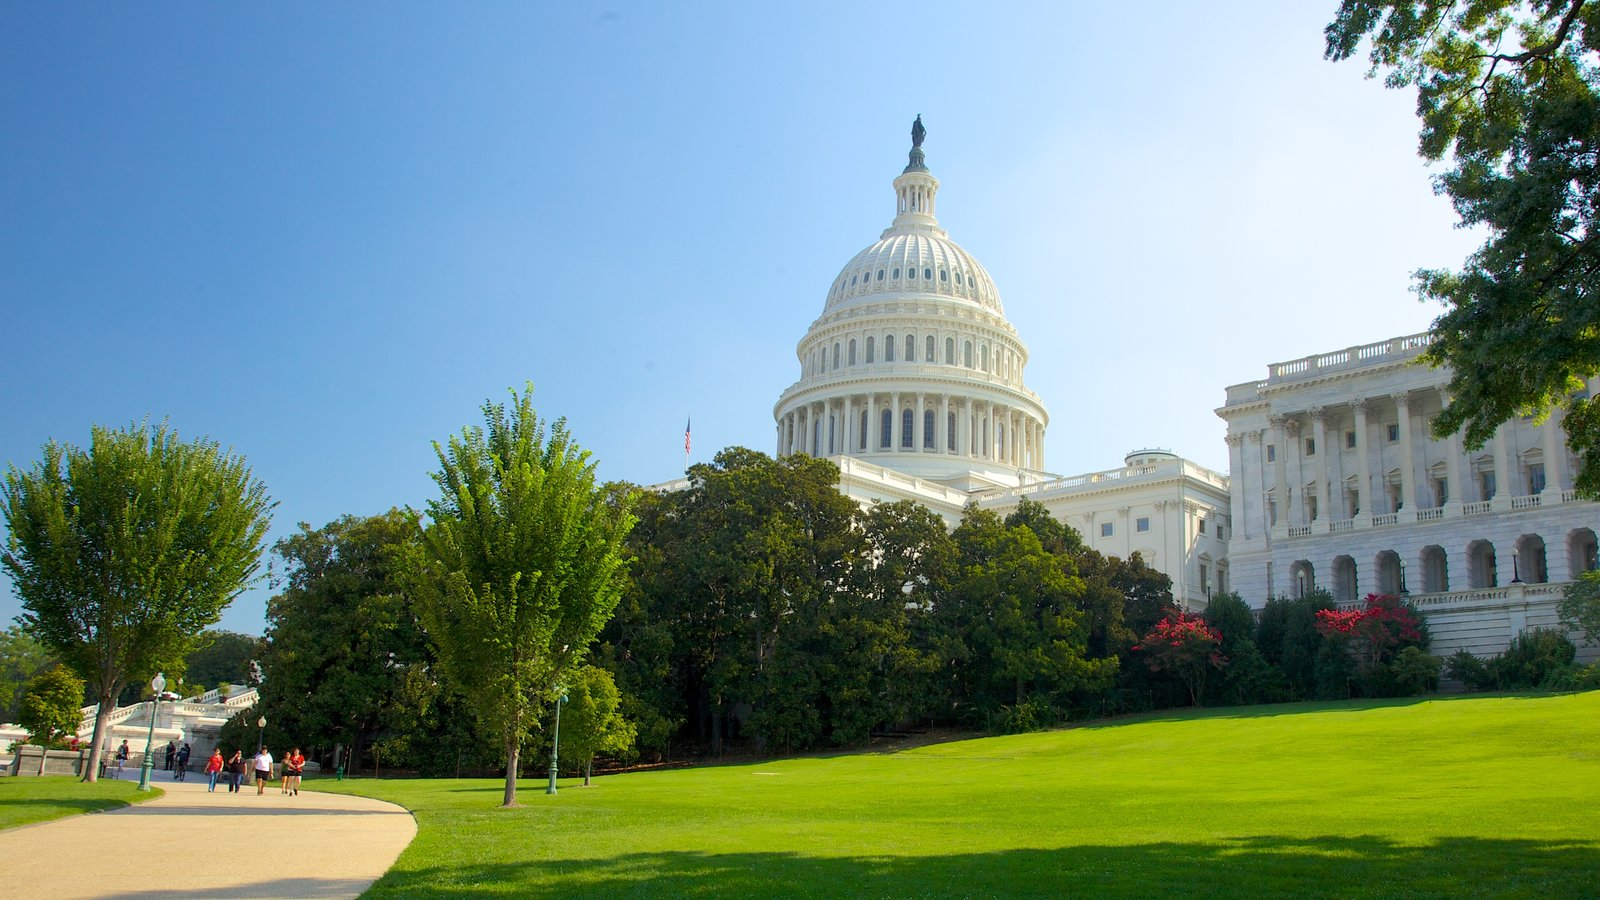 Capitolio de los Estados Unidos ofreciendo una ciudad, patrimonio de arquitectura y un edificio administrativo